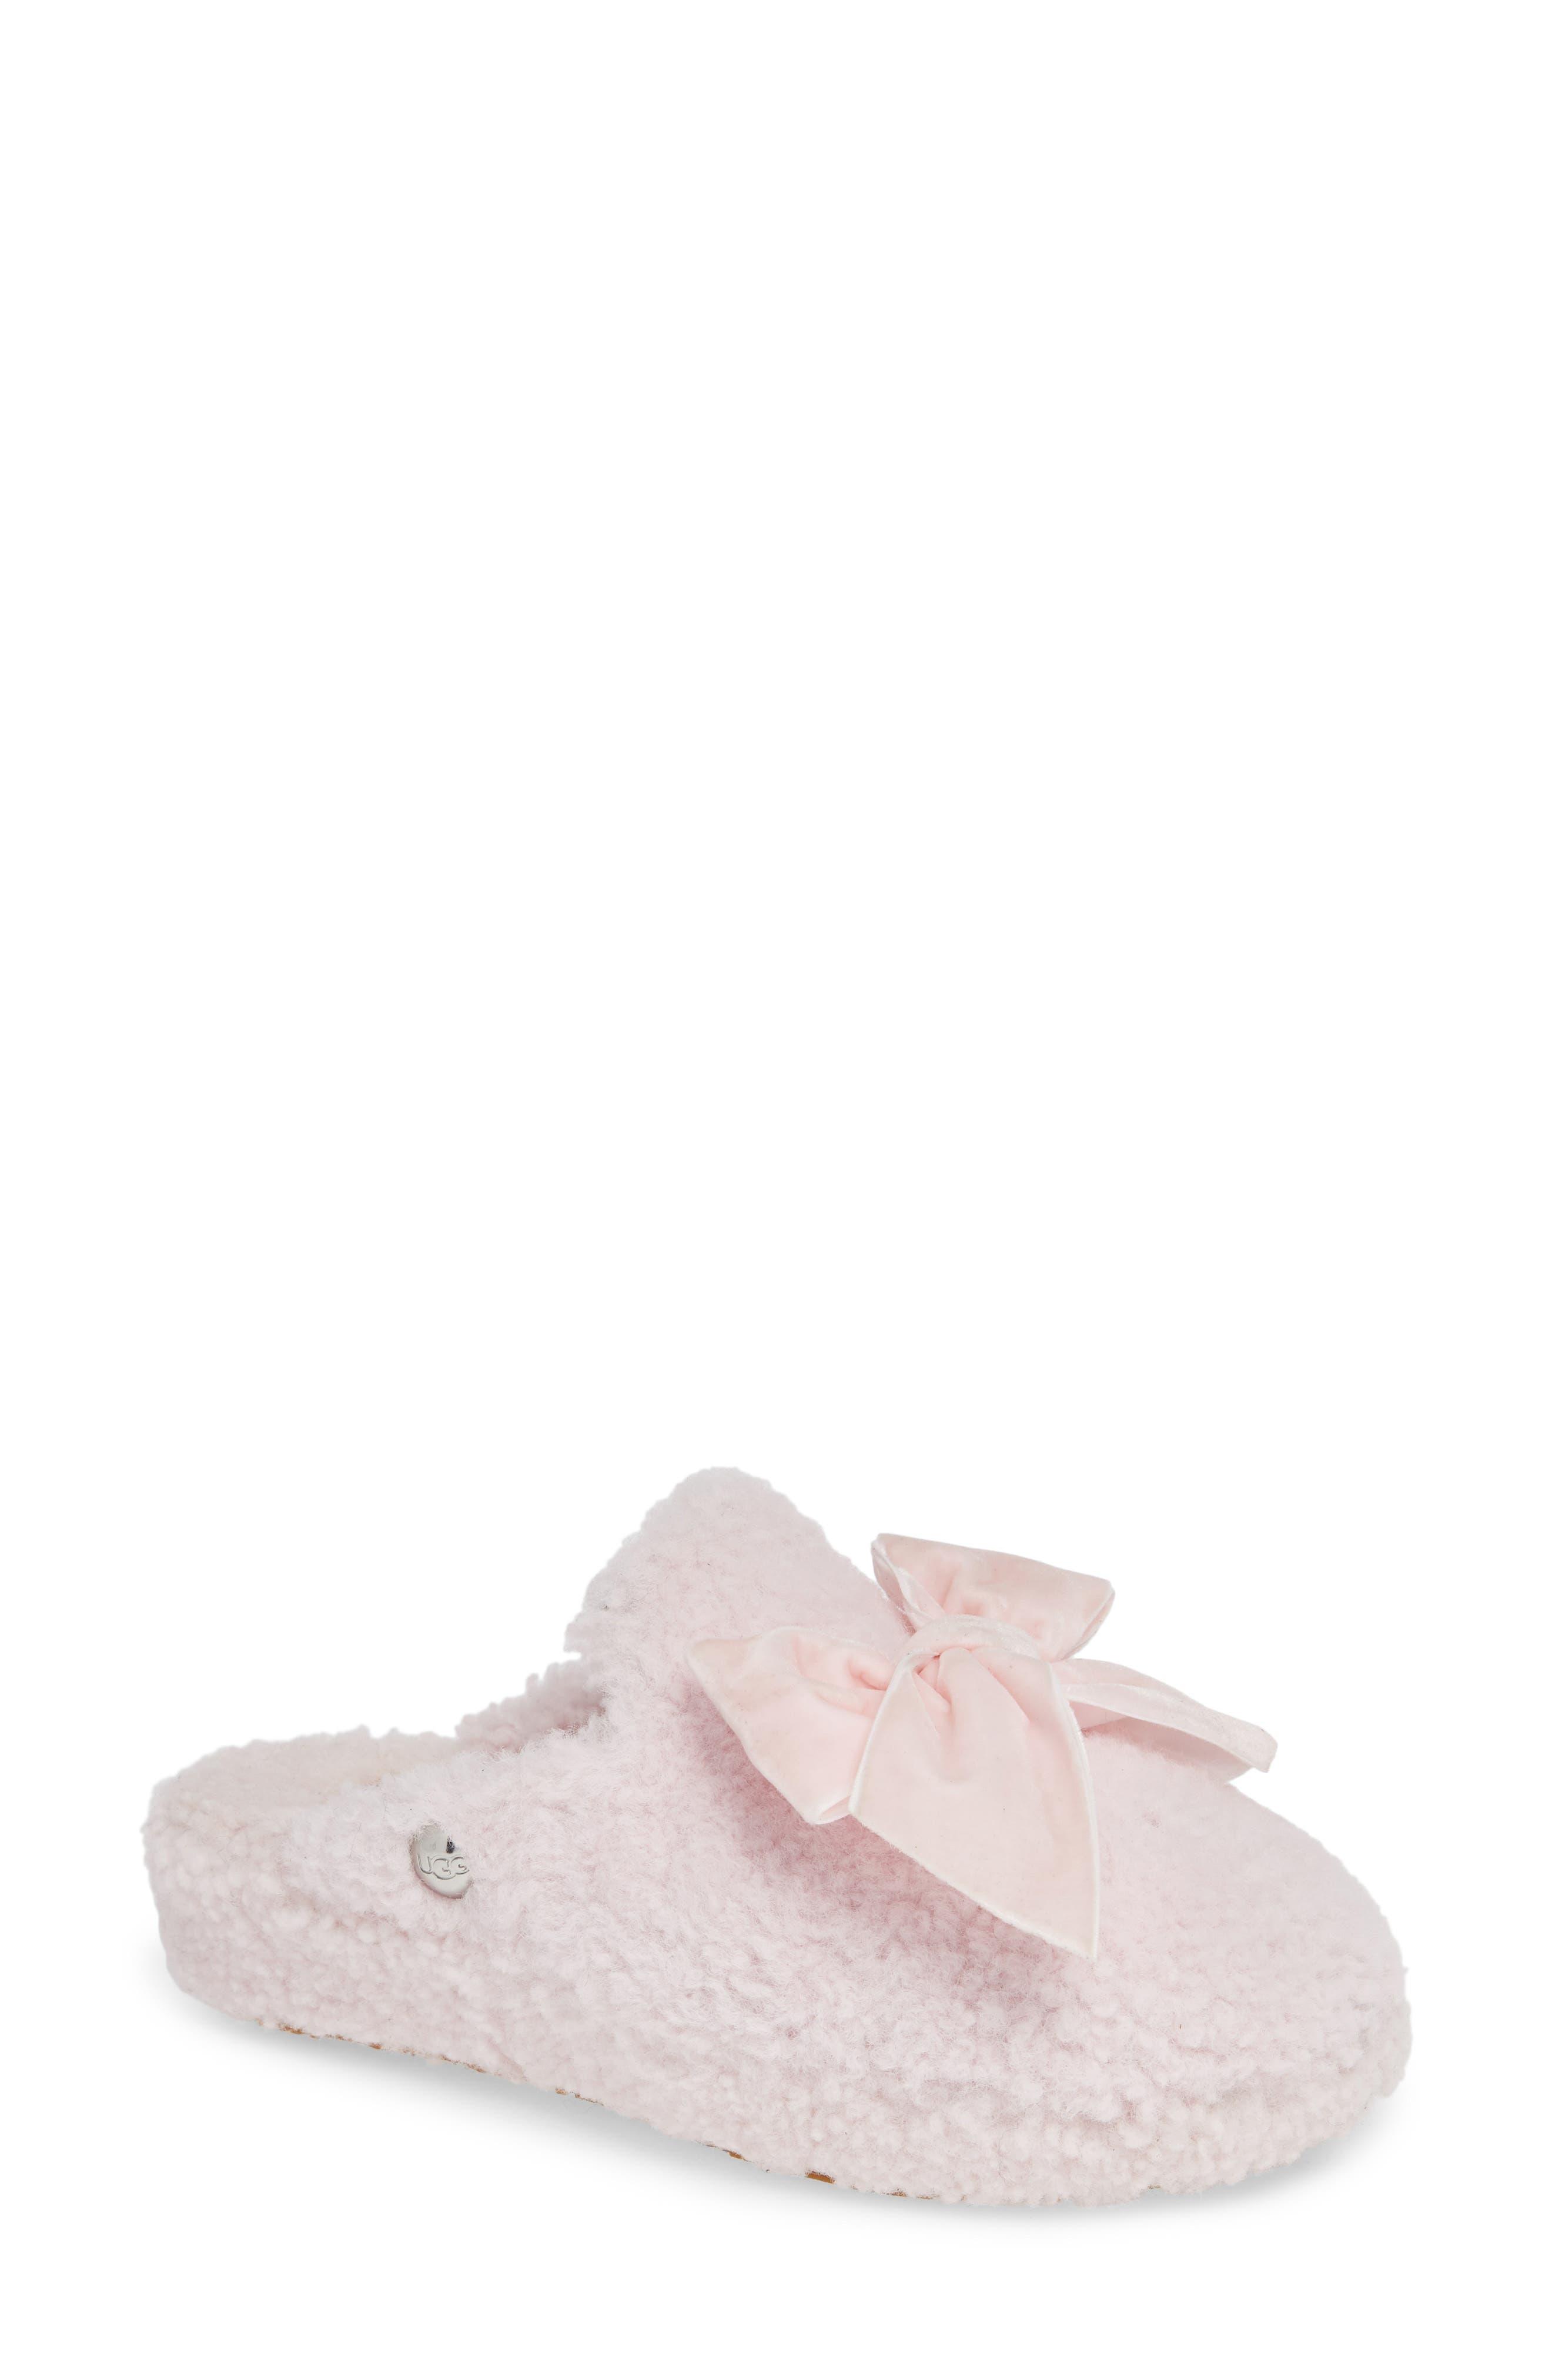 Addison Velvet-Bow Curly Sheepskin Slippers in Seashell Pink